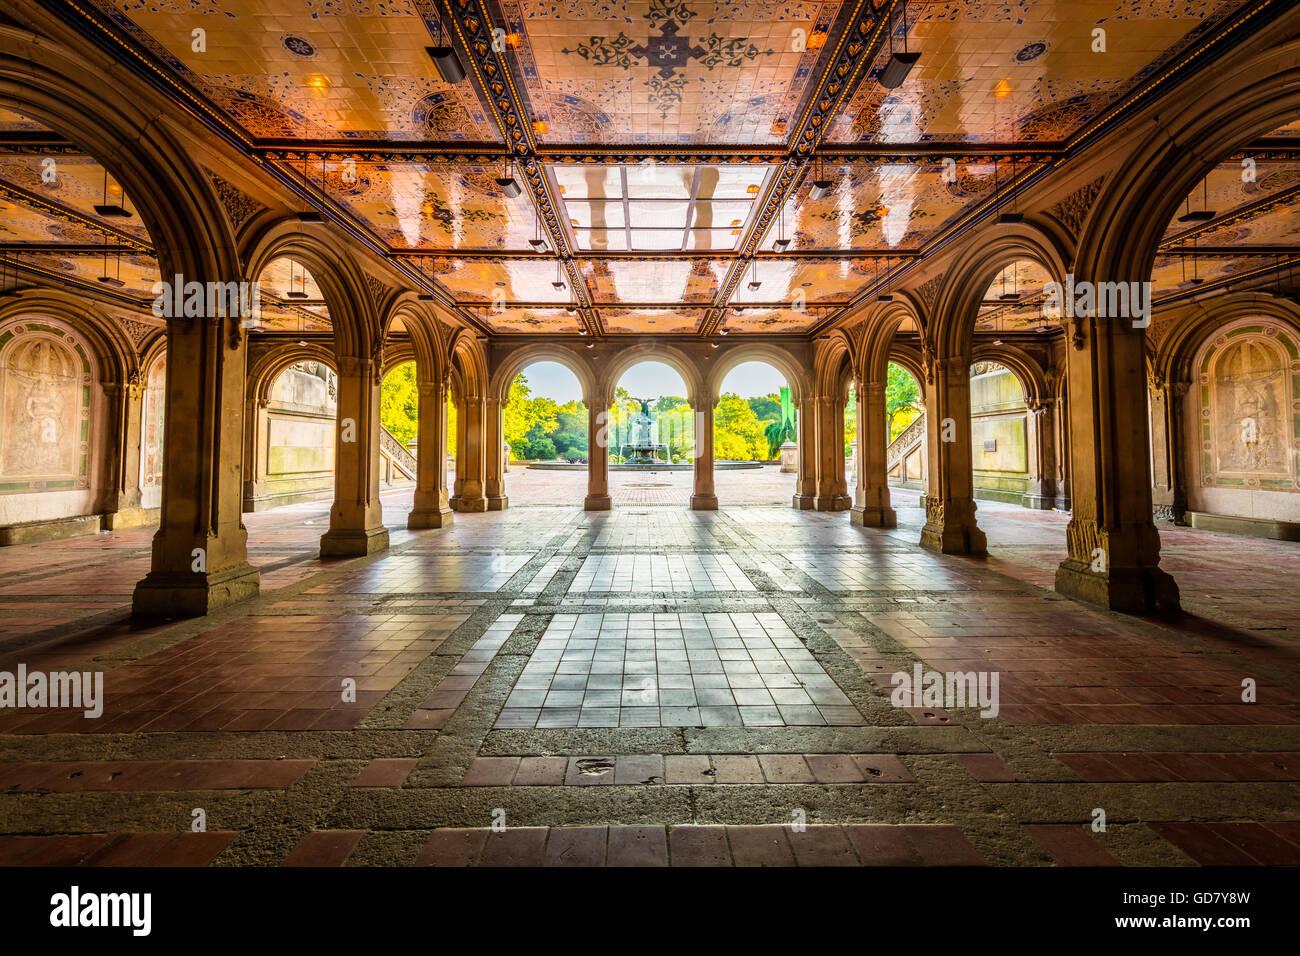 Bethesda Terrazza fontana e si affacciano sul lago in New York City Central Park Immagini Stock